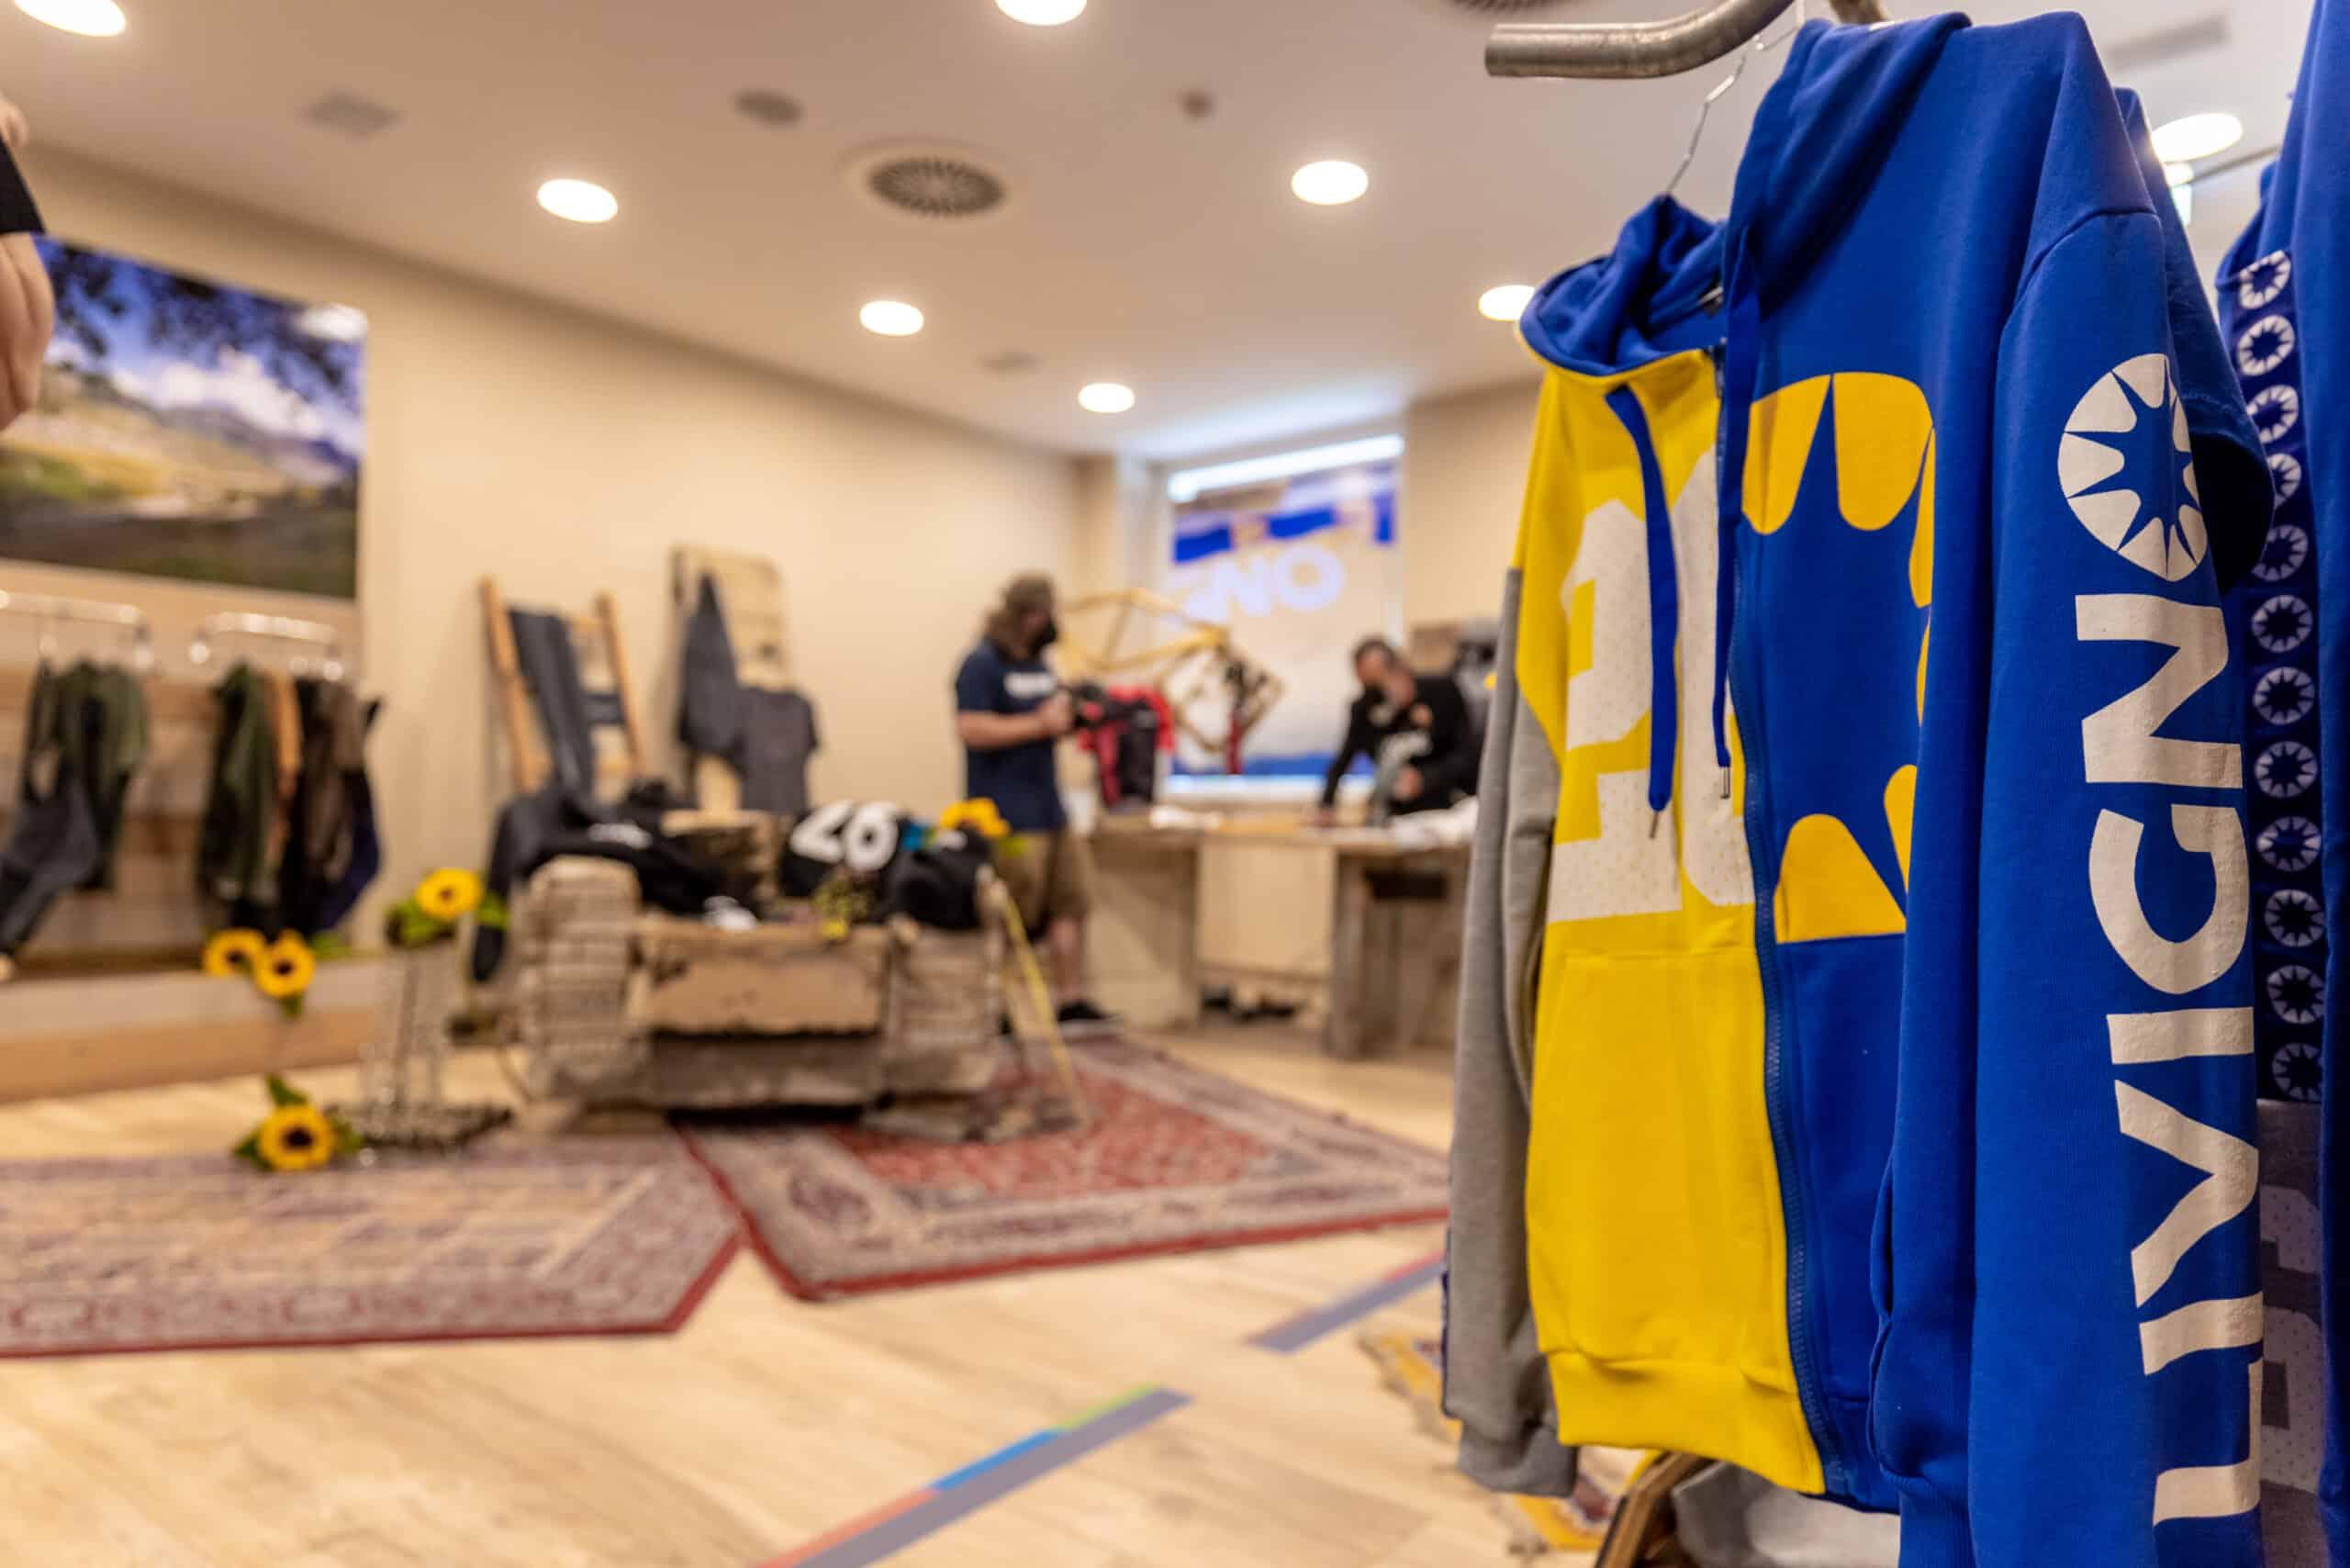 SPORTY E CASUAL: Livigno lancia la nuova collazione d'abbigliamento Made in Italy - in negozio